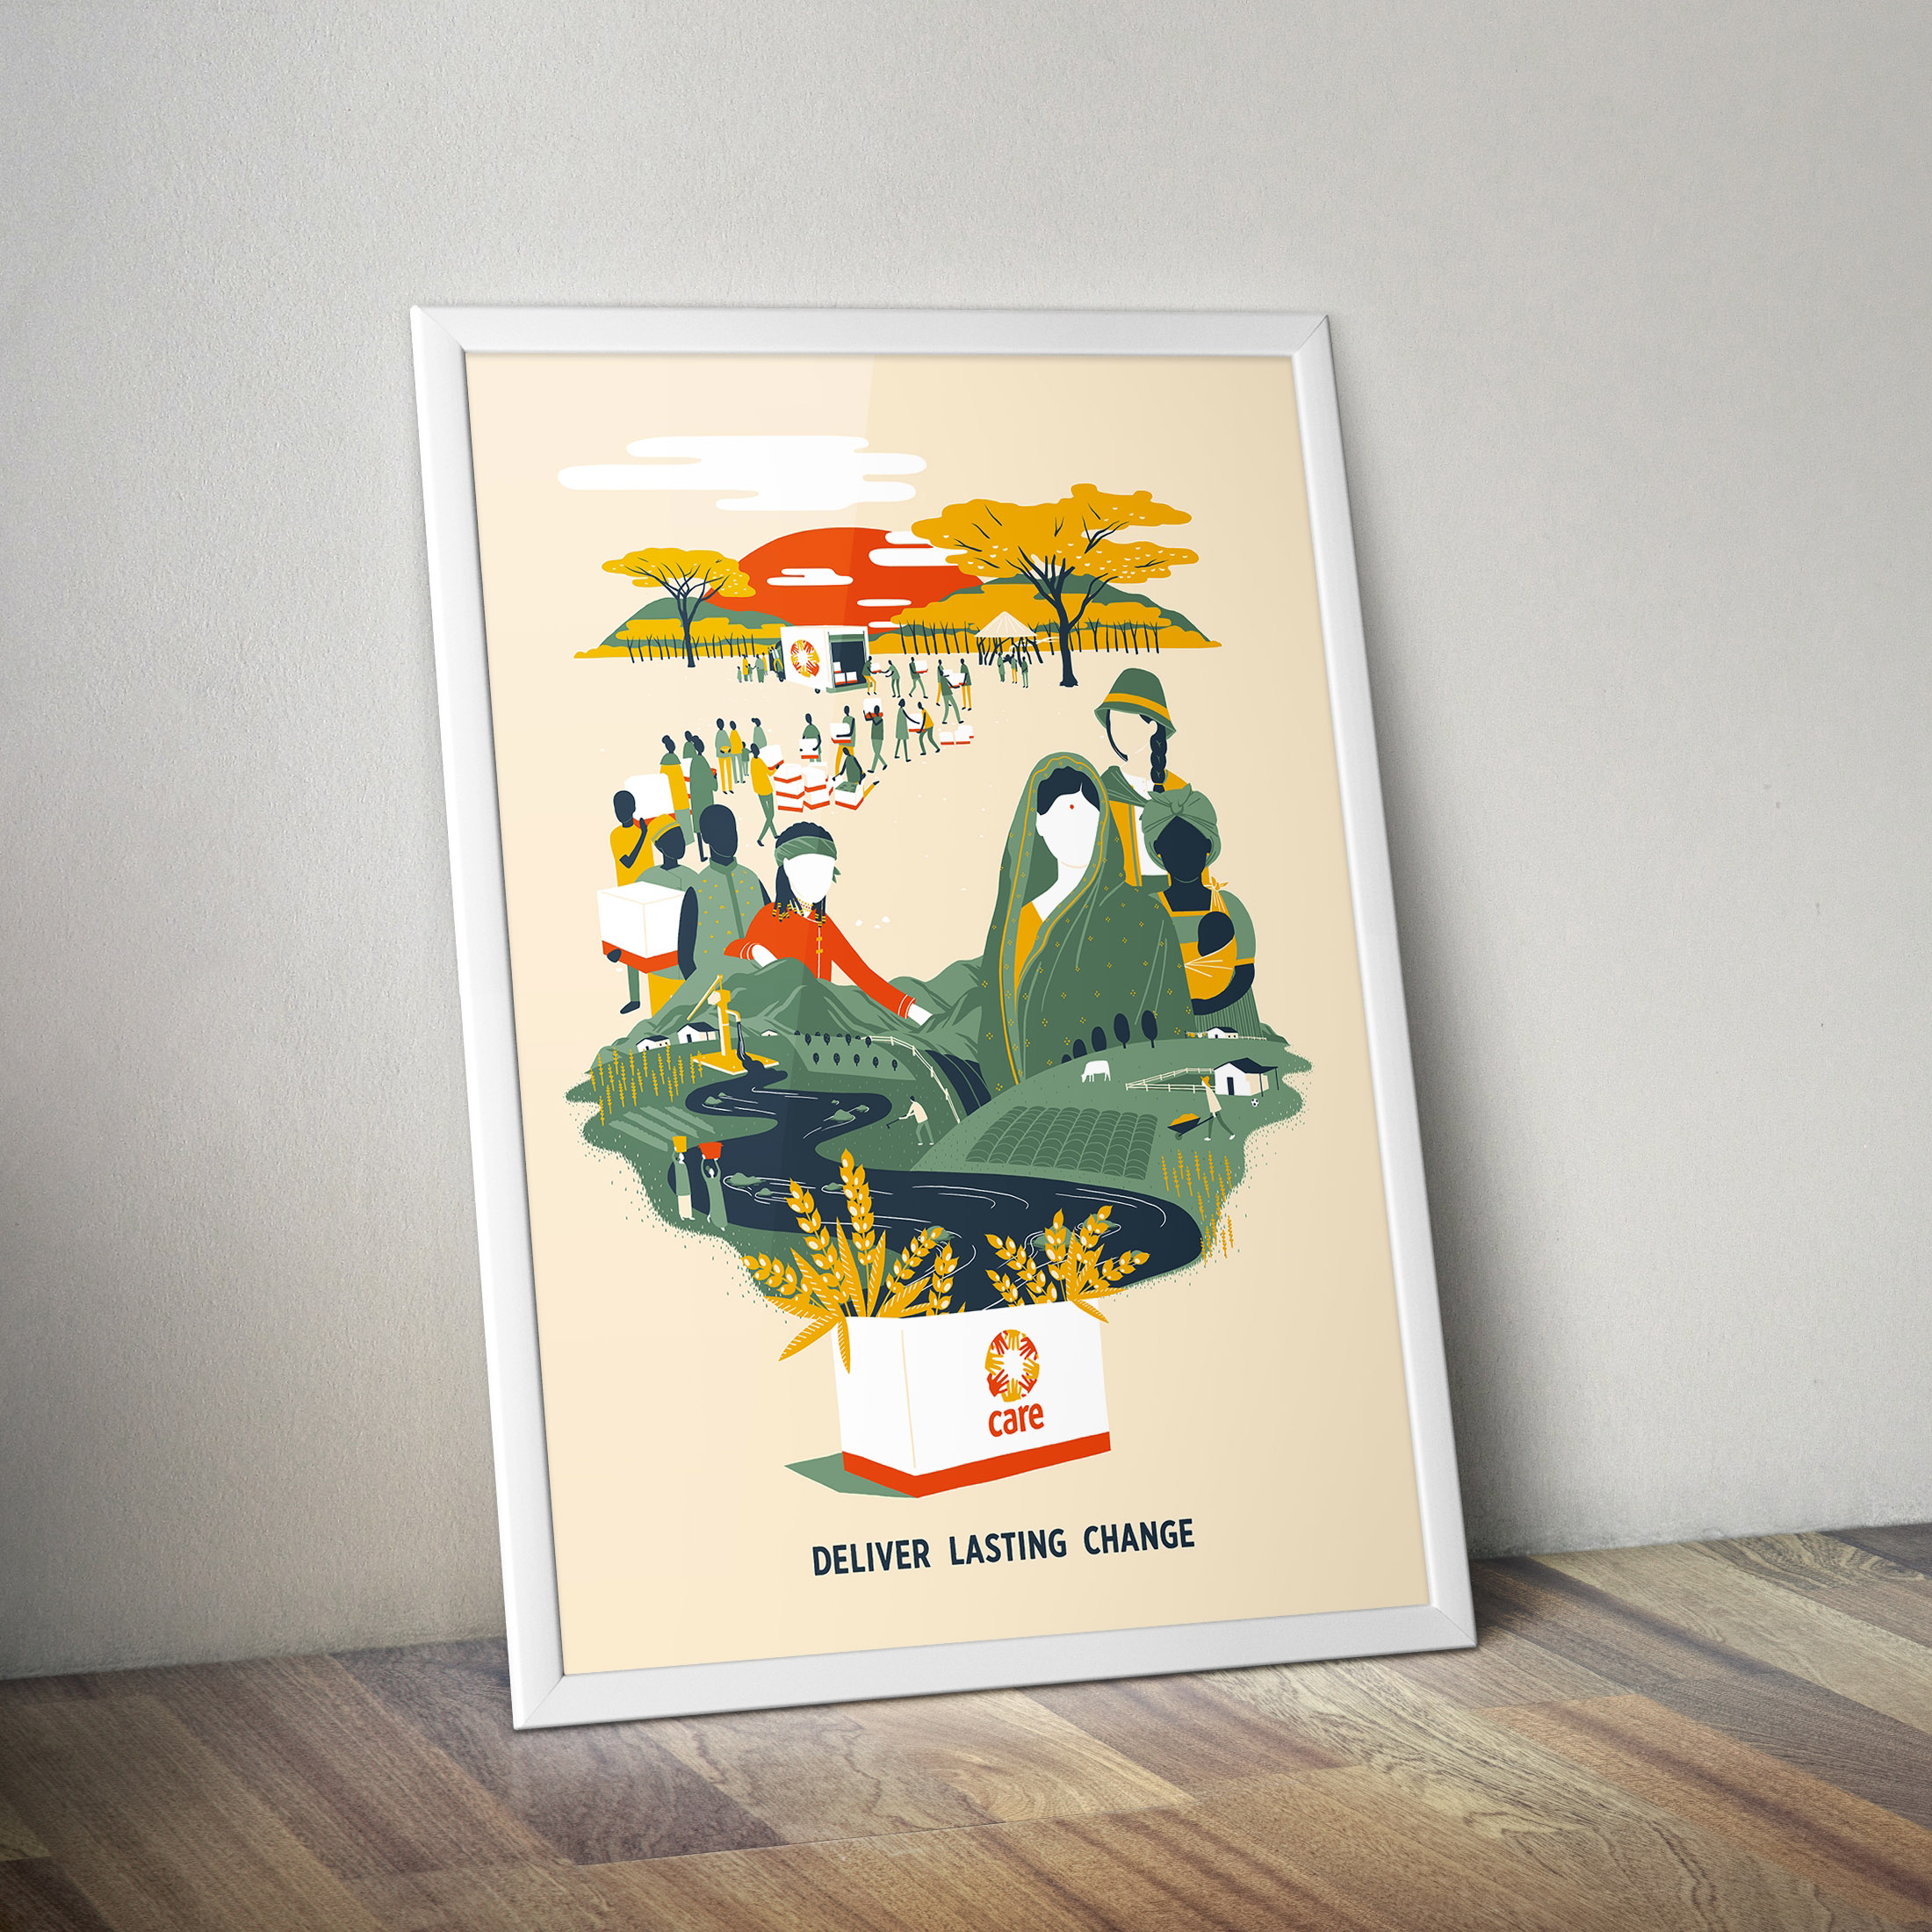 CARE commemorative poster